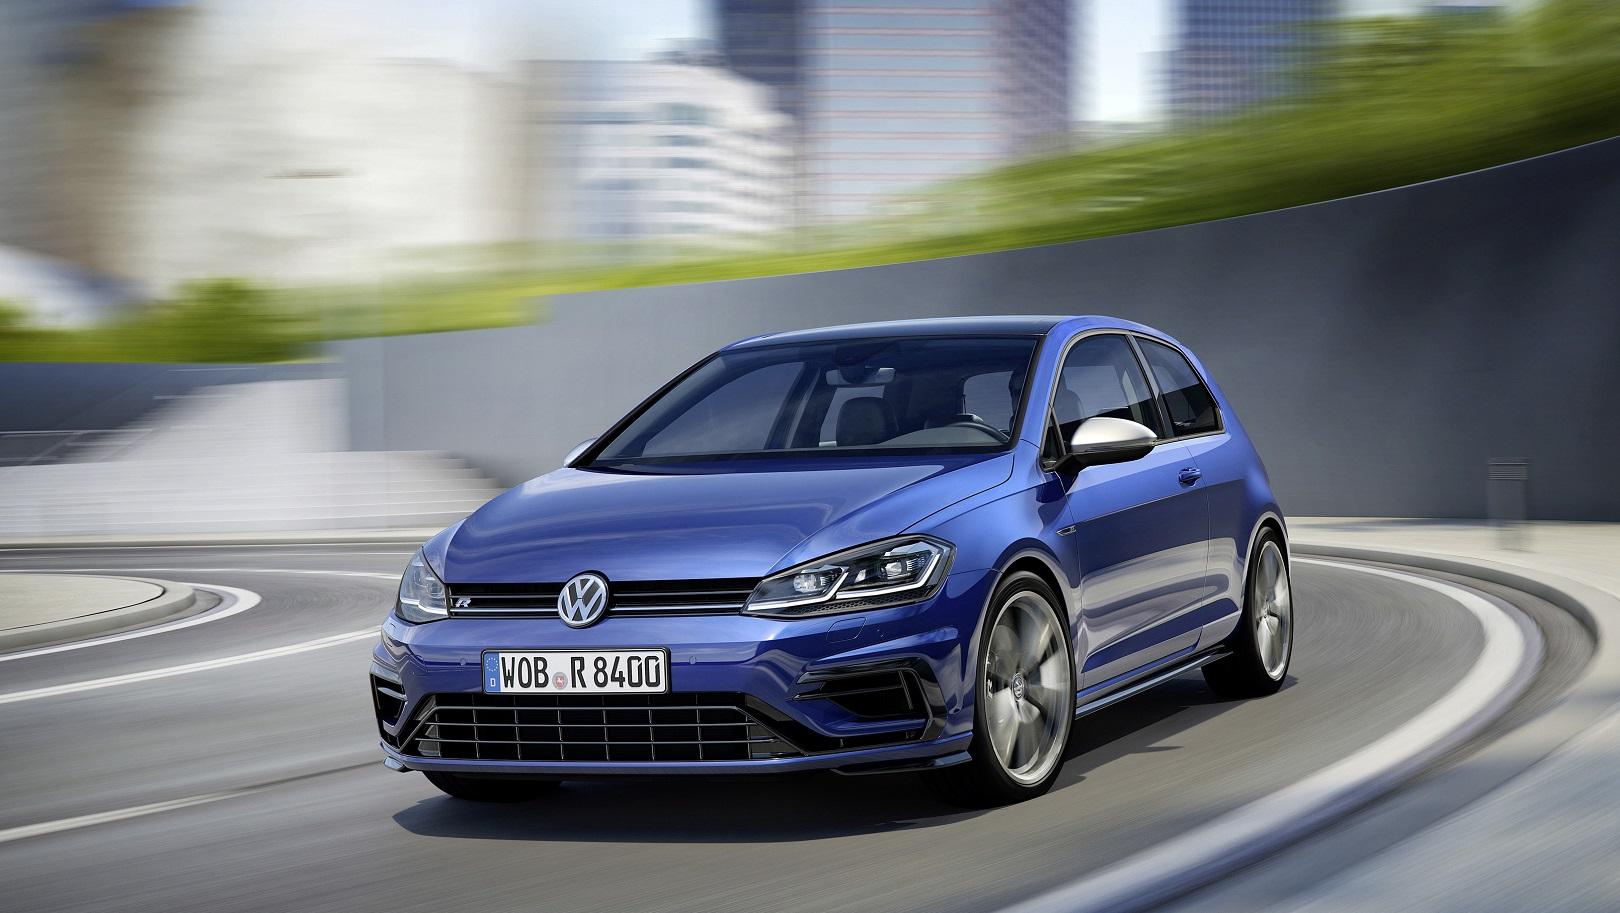 Картинки по запросу Volkswagen Golf